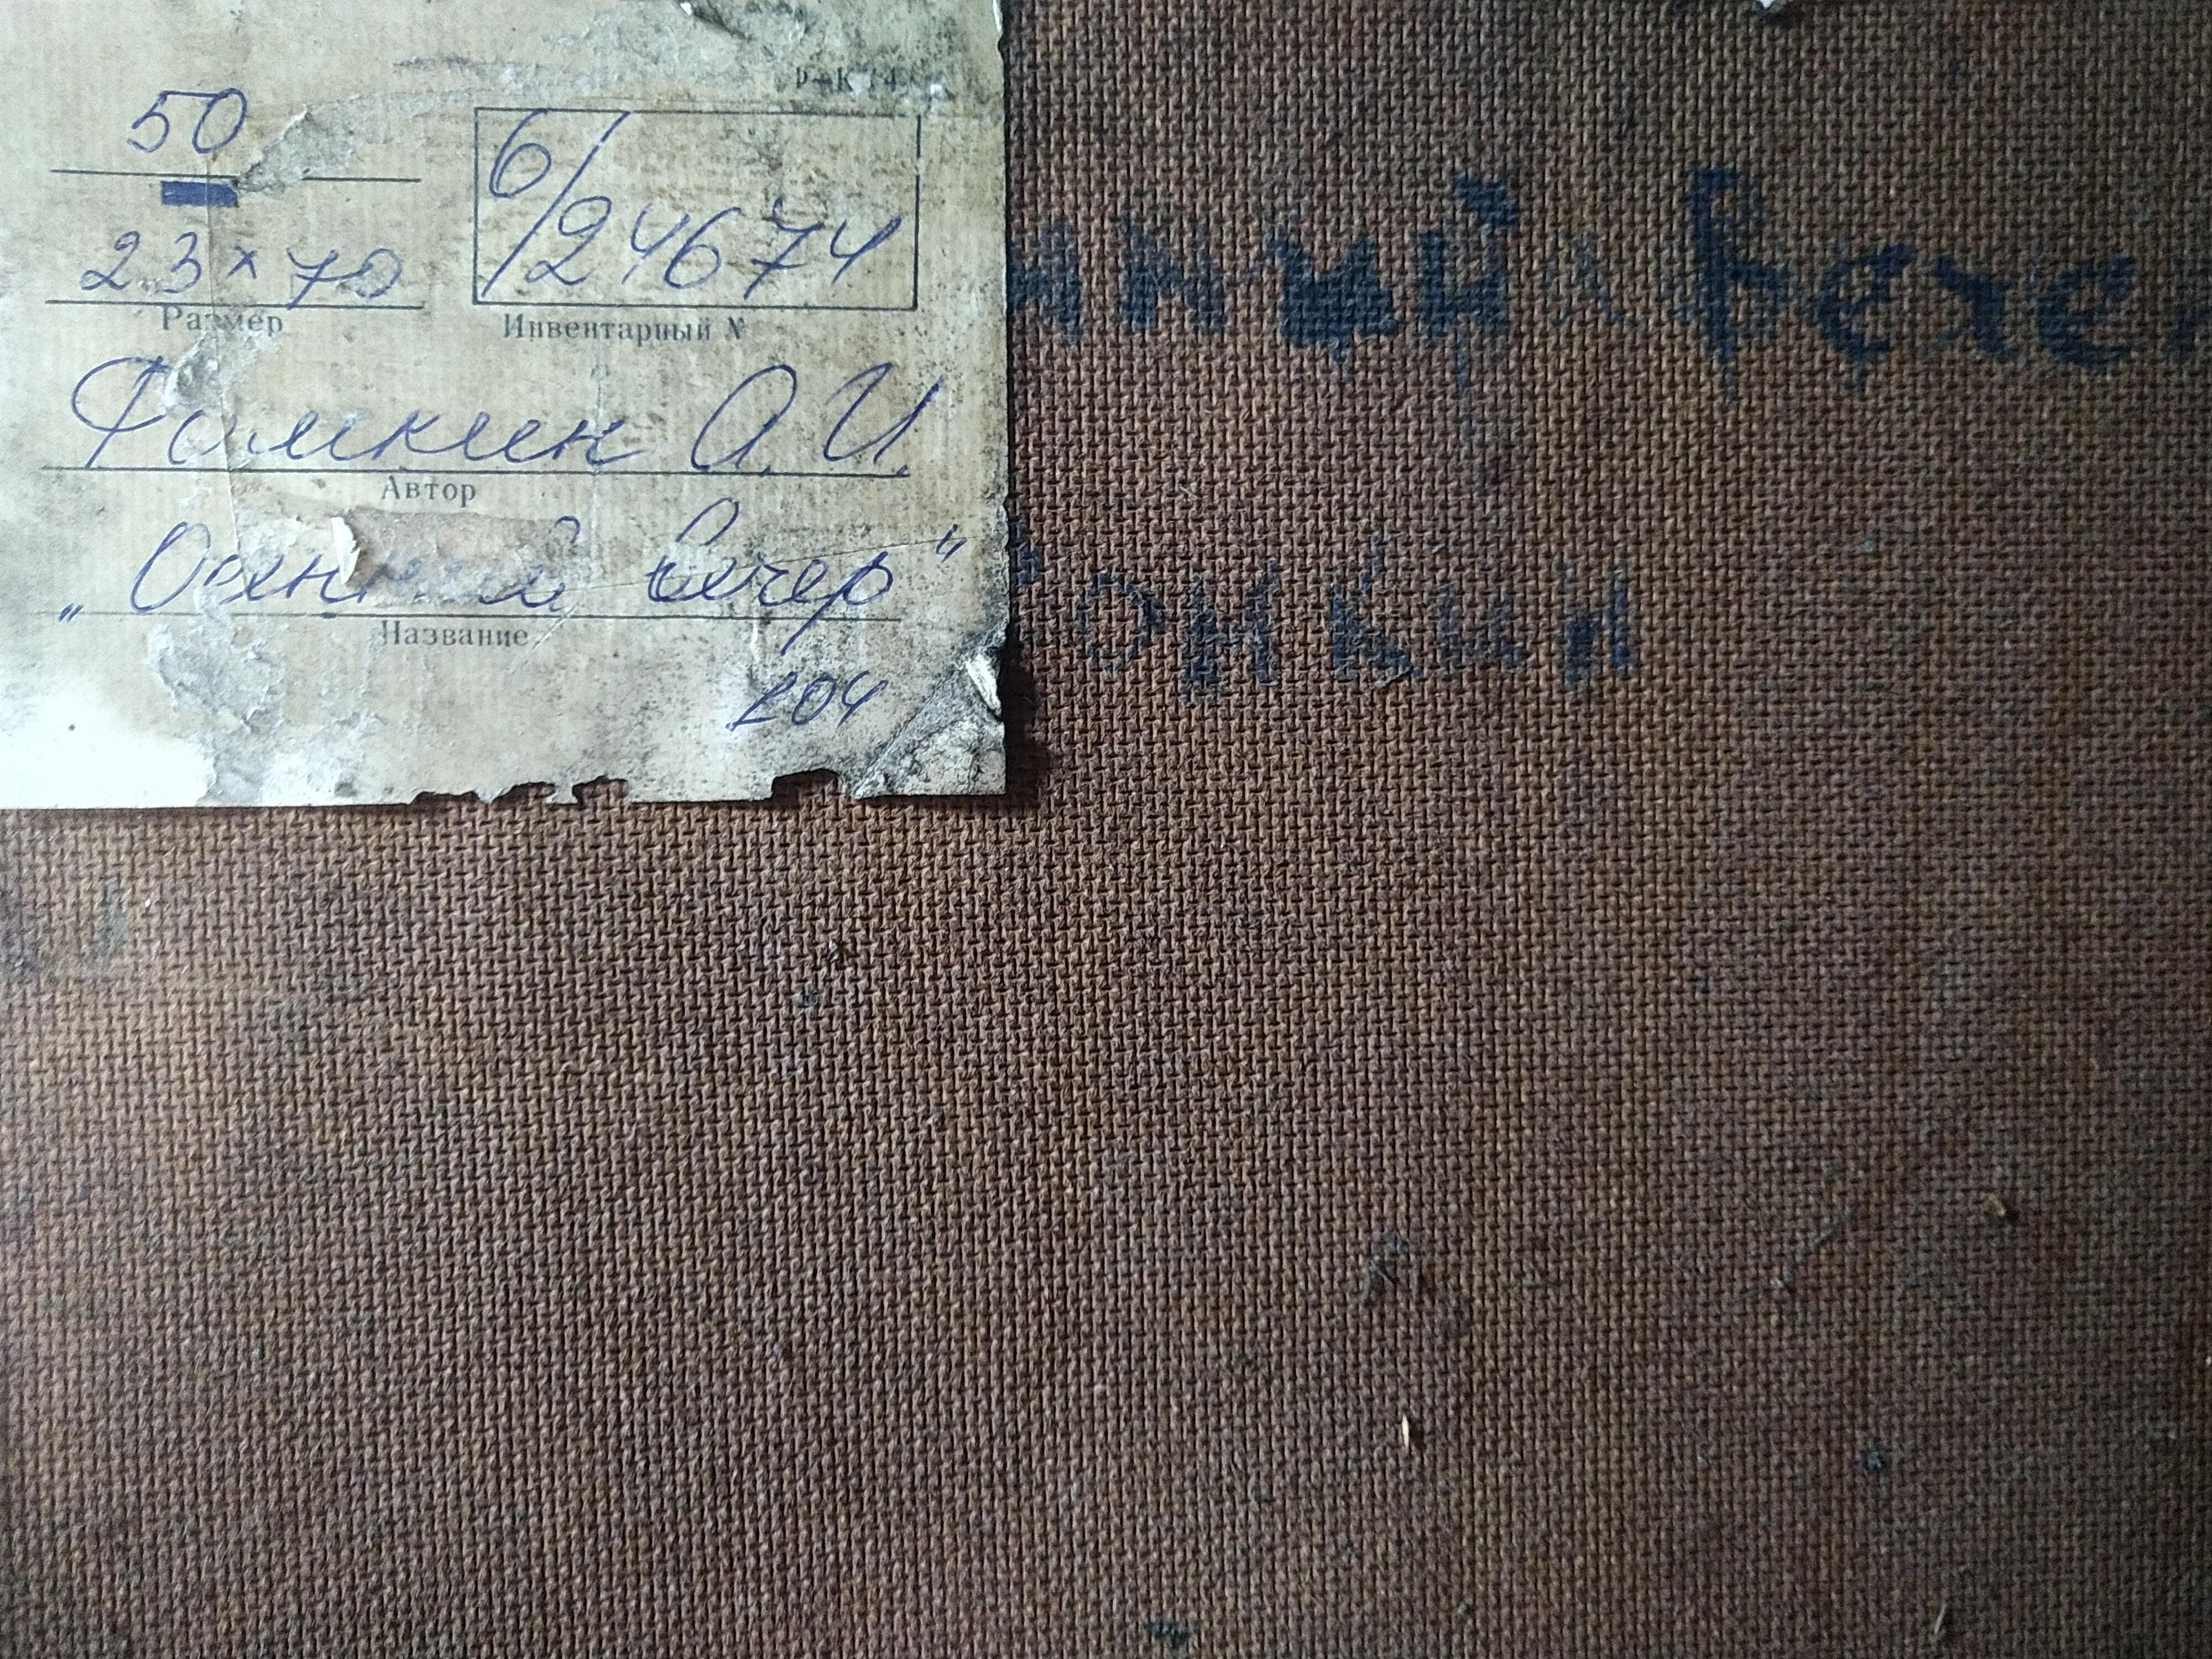 Осенний вечер 23-70 см., картон, масло 1974 год  - 2